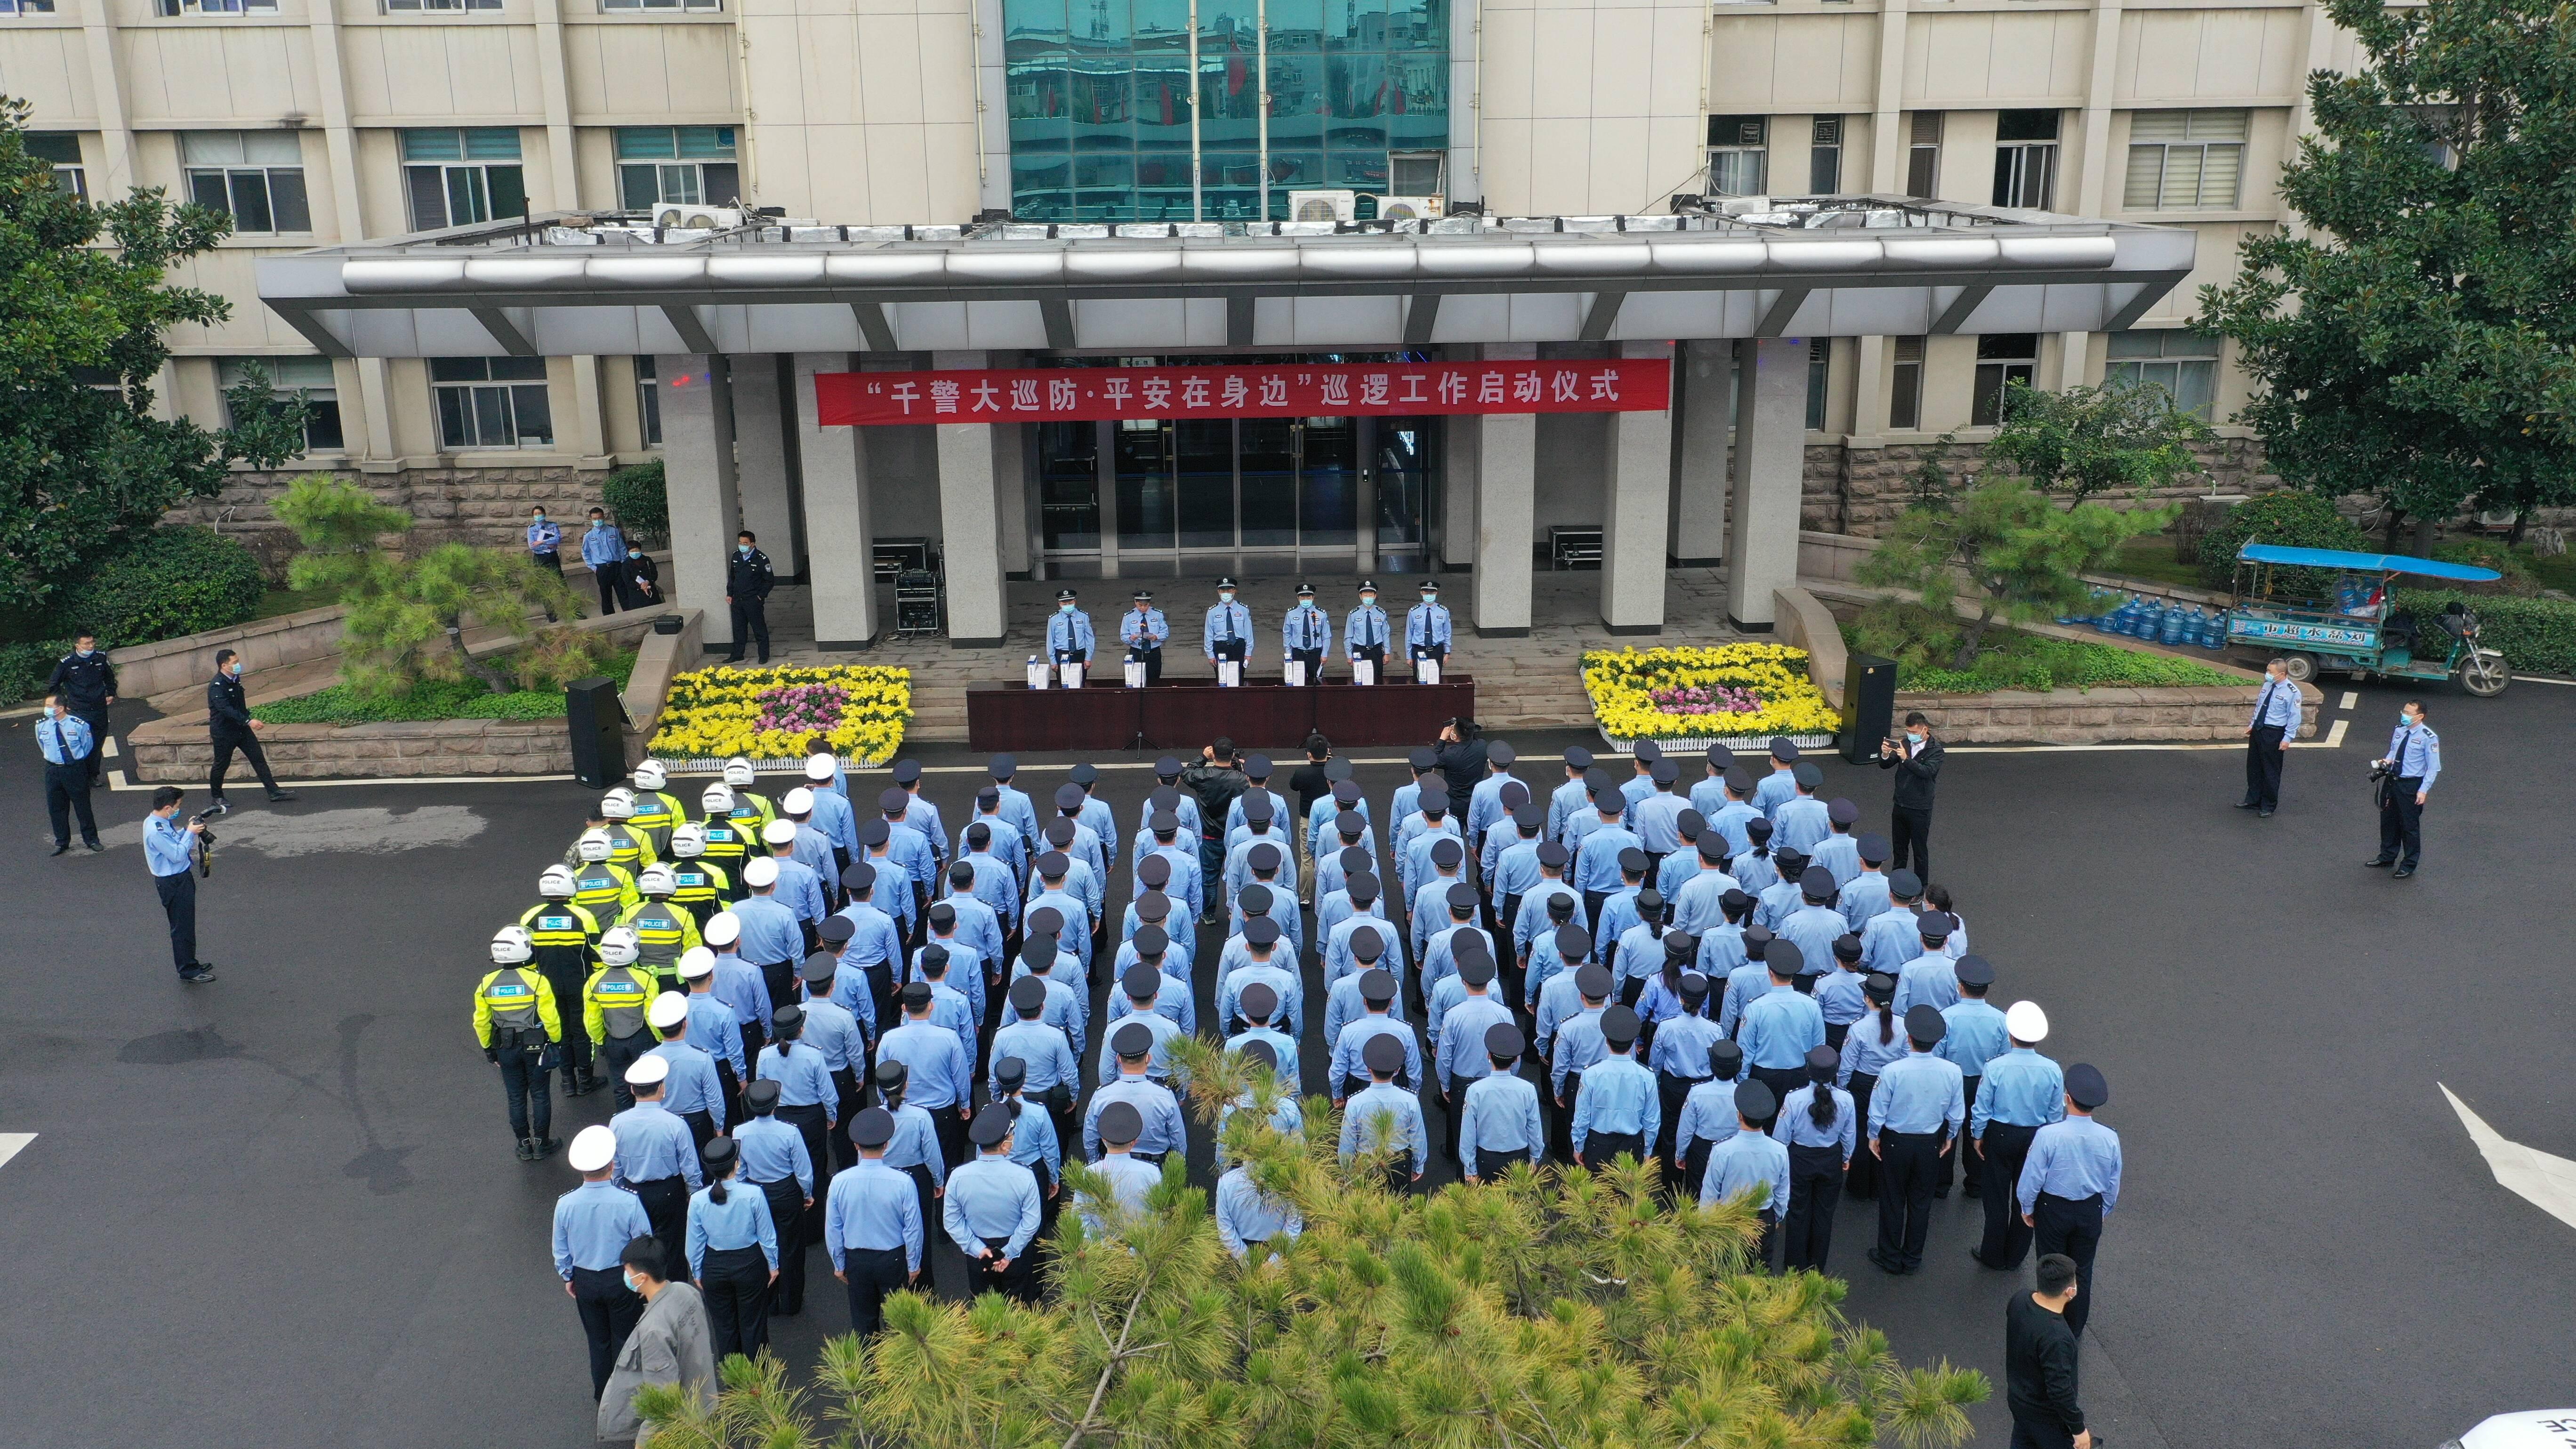 51秒|10月14日起,枣庄市中区420余名辅警将开始夜间巡逻